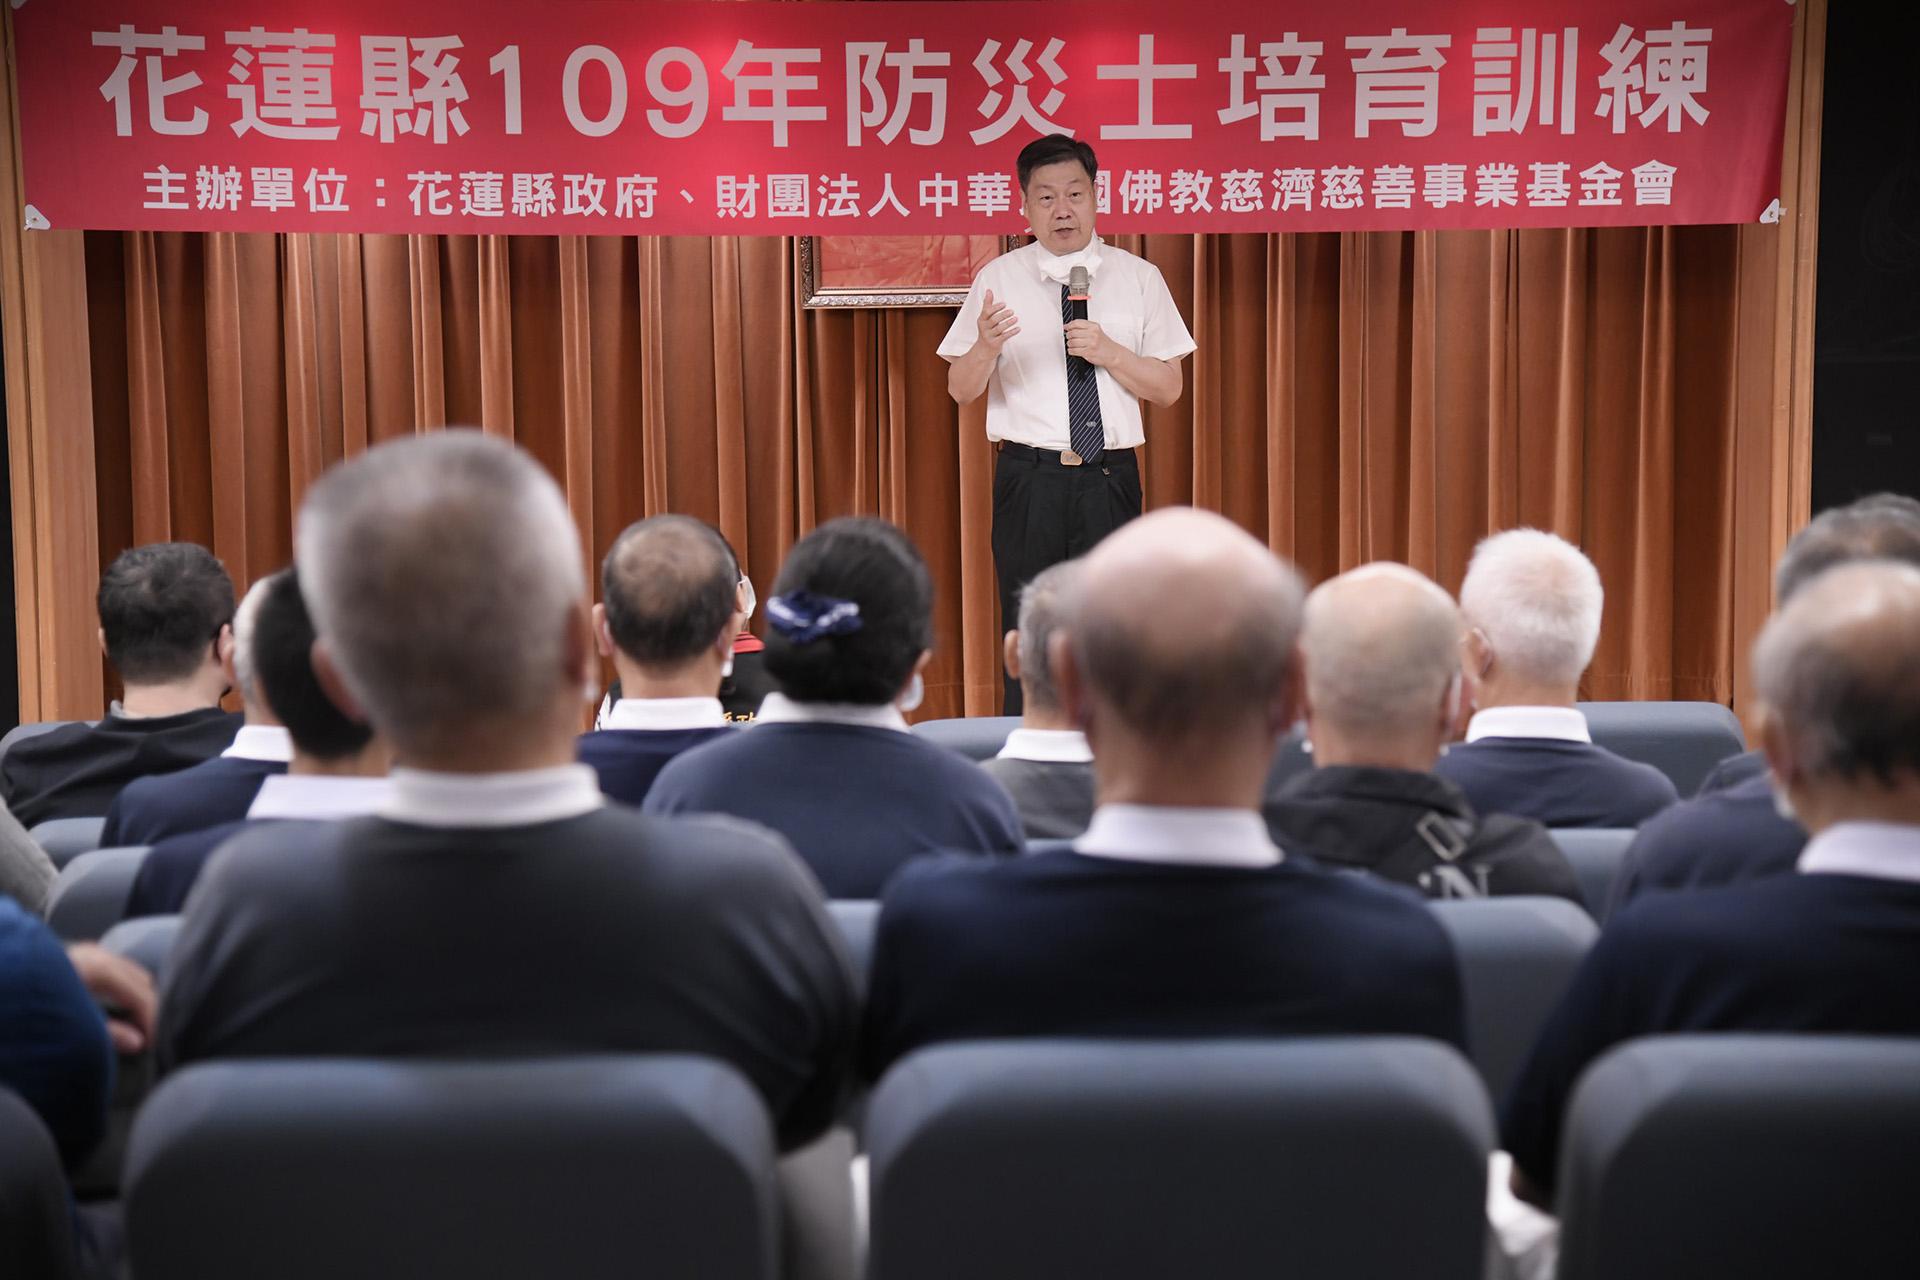 慈濟基金會慈善志業發展處主任呂芳川致詞。